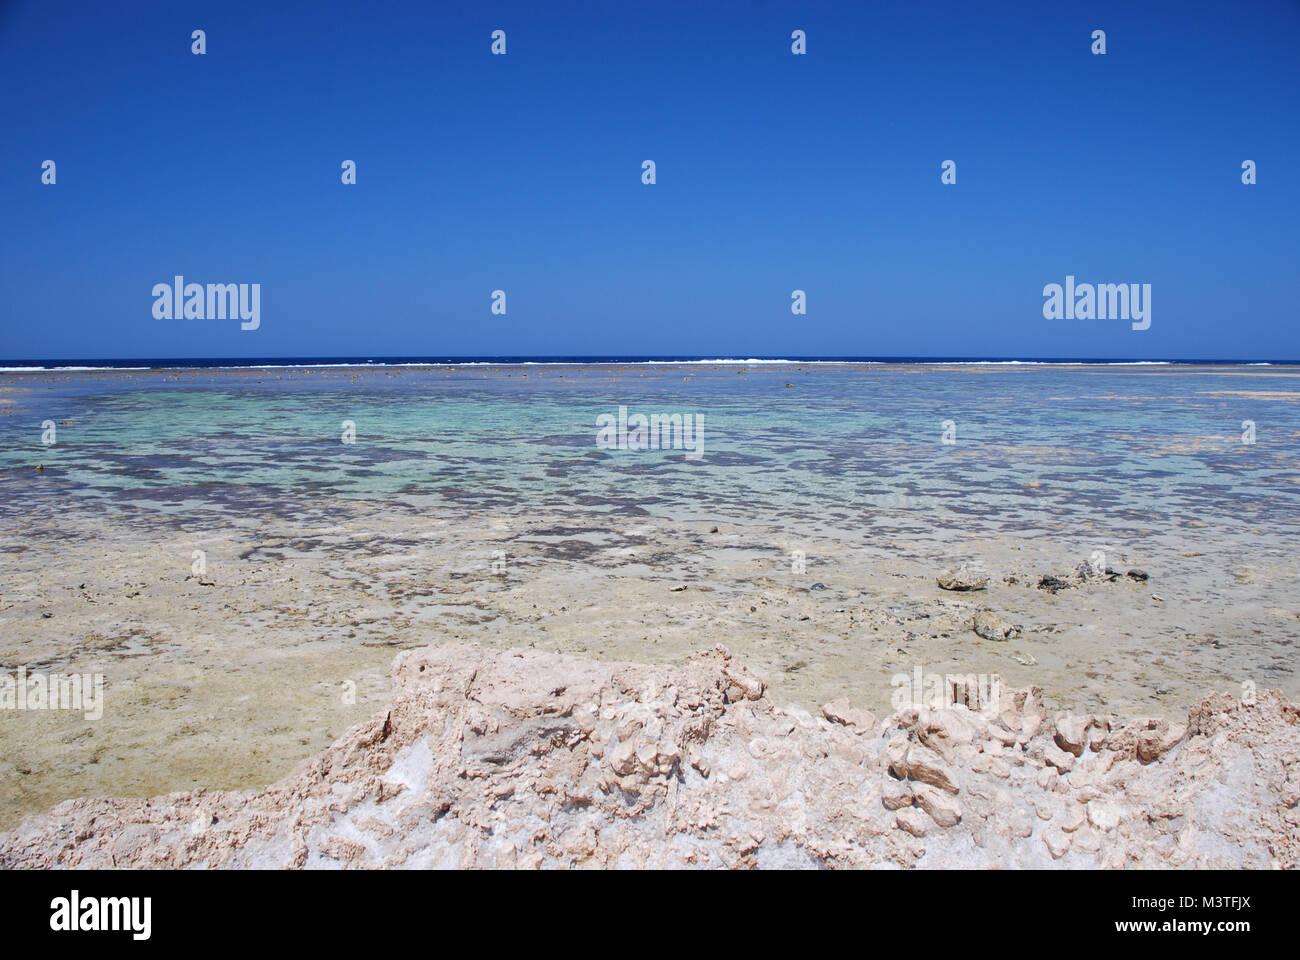 Playa en marea baja sobre el mar rojo, con un cielo azul sin nubes Imagen De Stock